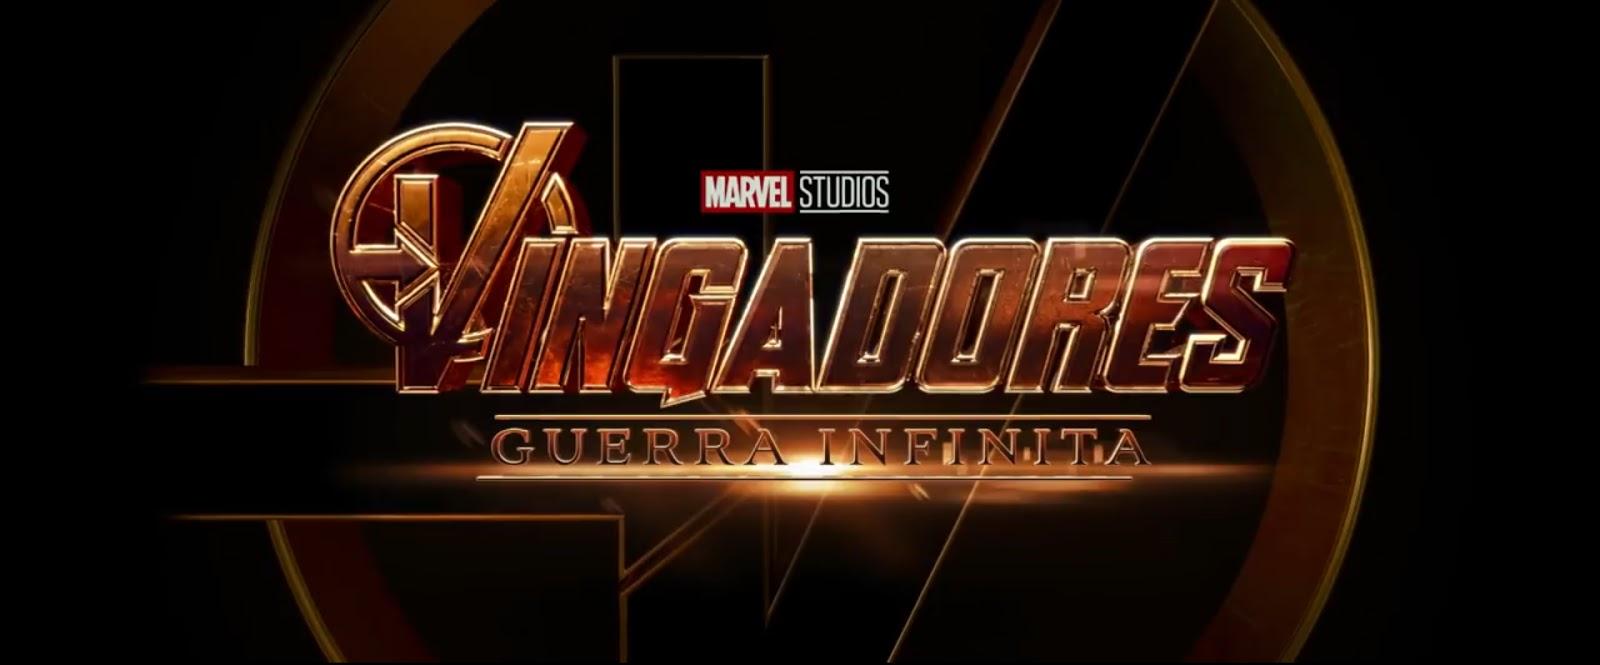 9664280ca9fc8 A Marvel Studios liberou a sinopse oficial do filme dos Viingadores, mais a  data de estreia tanto lá fora quanto aqui no Brasil. E de quebra vamos  mostrar ...